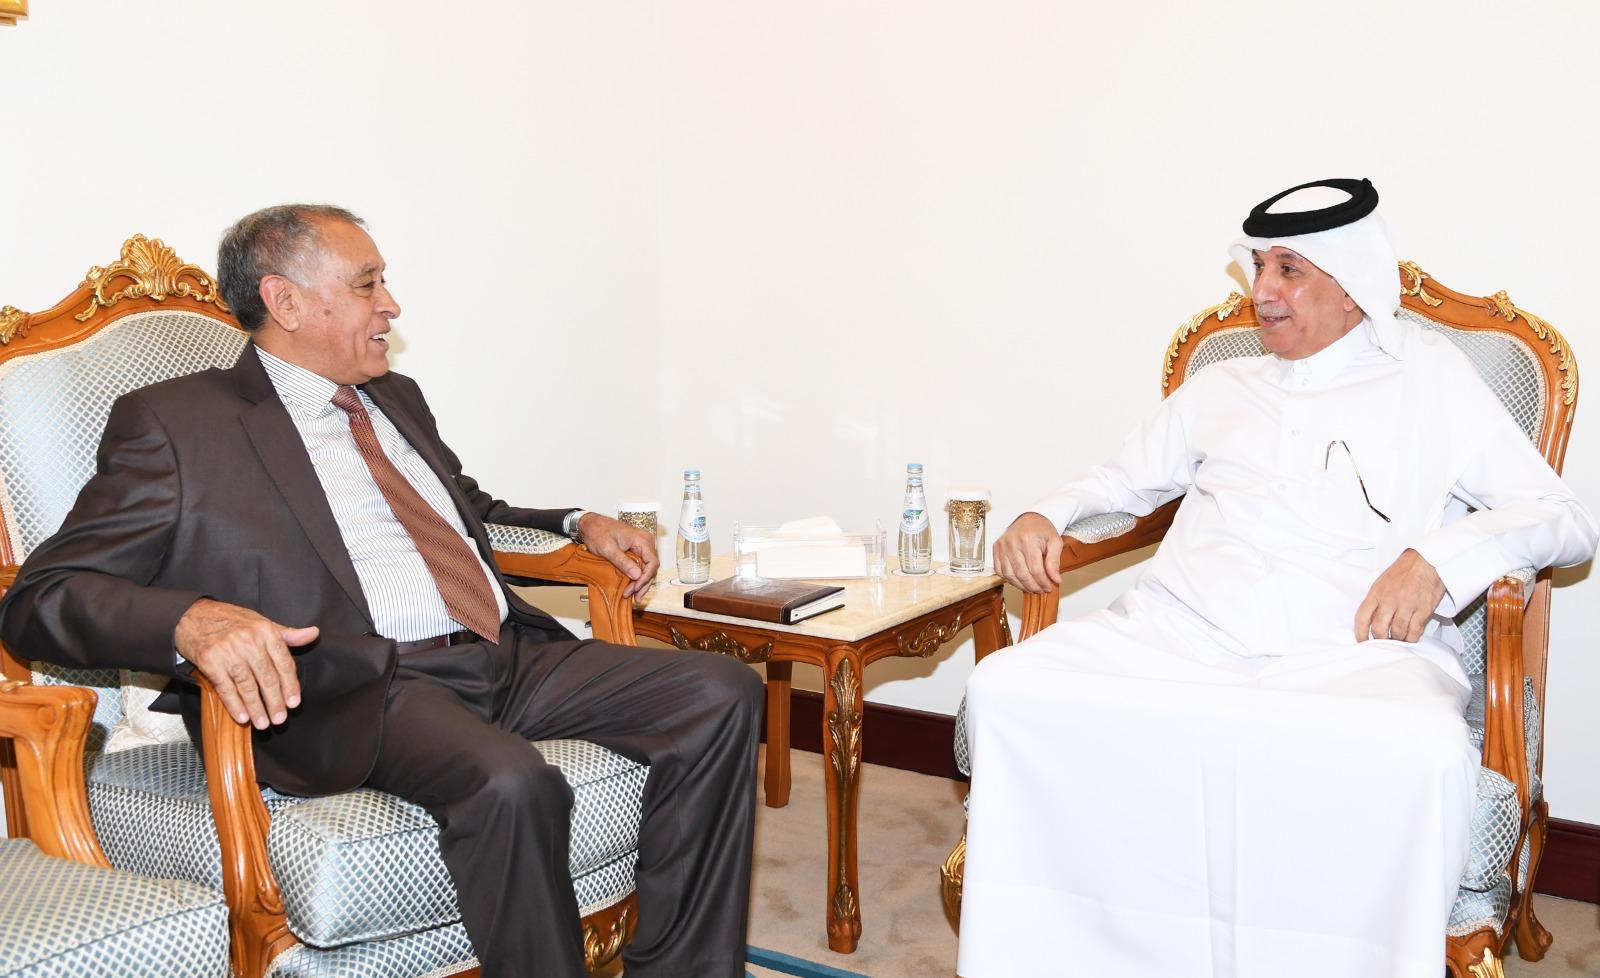 وزير الدولة للشؤون الخارجية يجتمع مع القائم بالأعمال في سفارة ليبيا